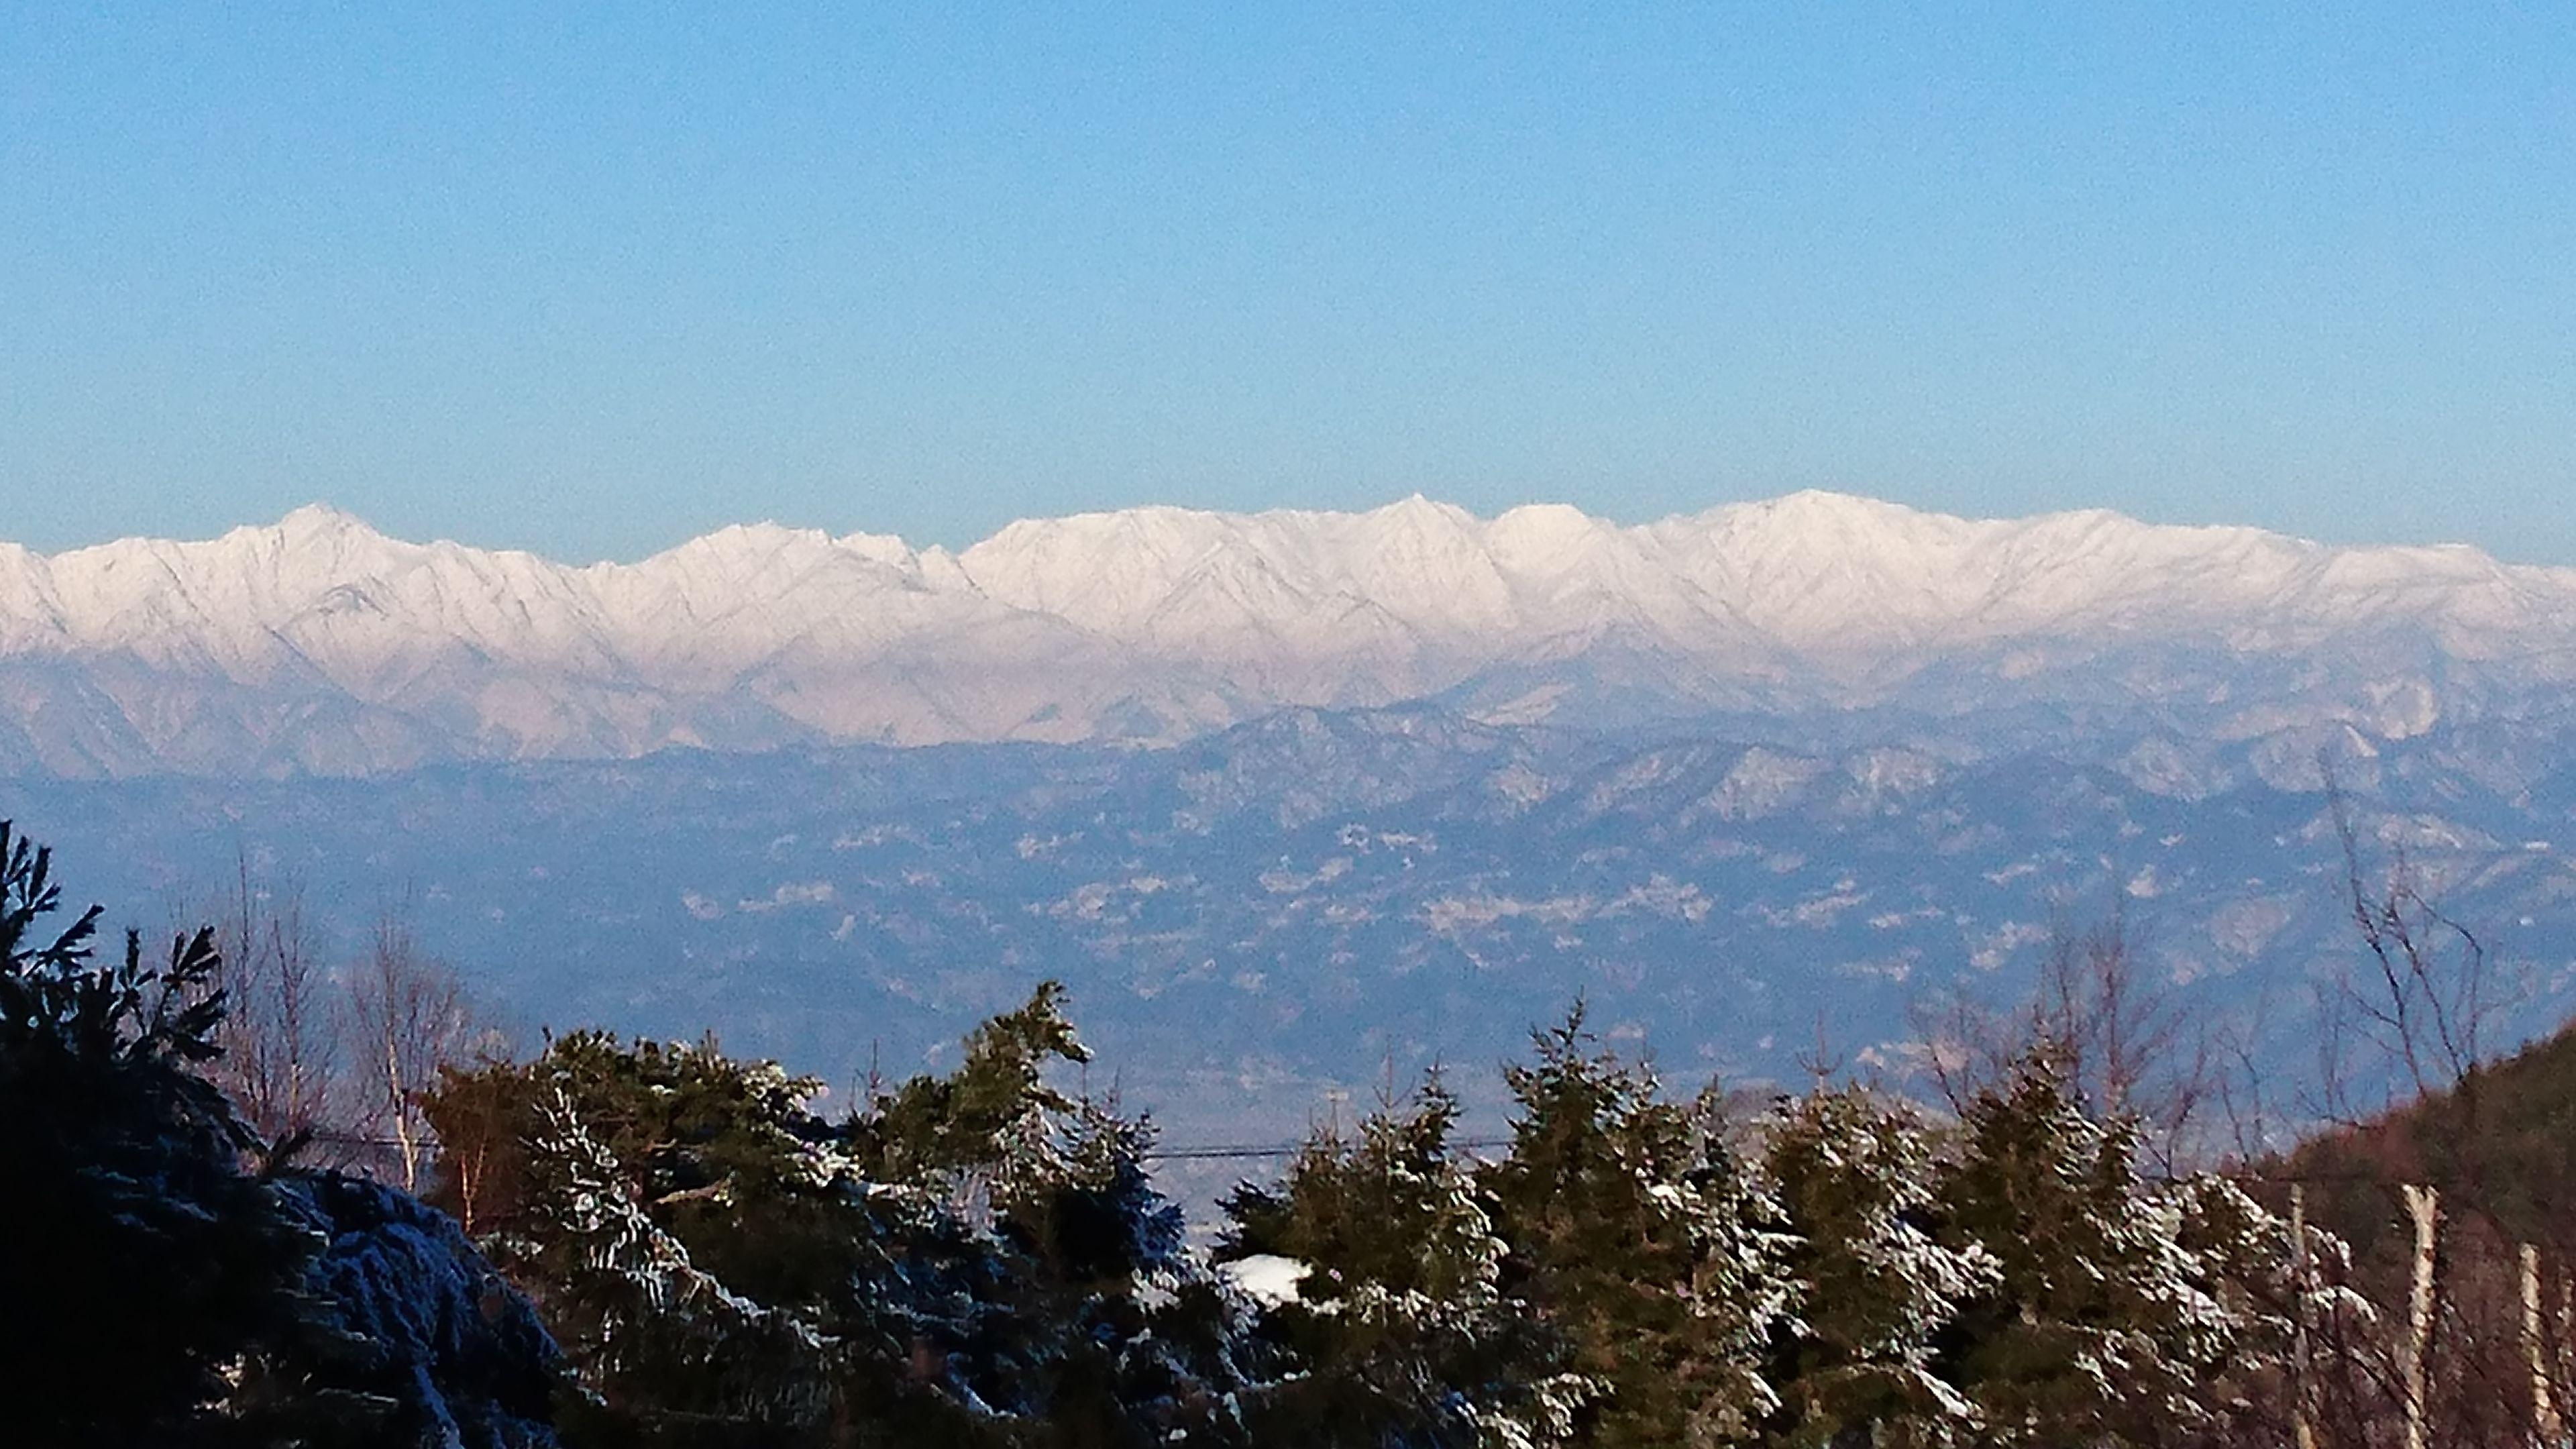 時空の杜は菅平★峰の原高原 絶景・星空・料理が魅力の宿です。